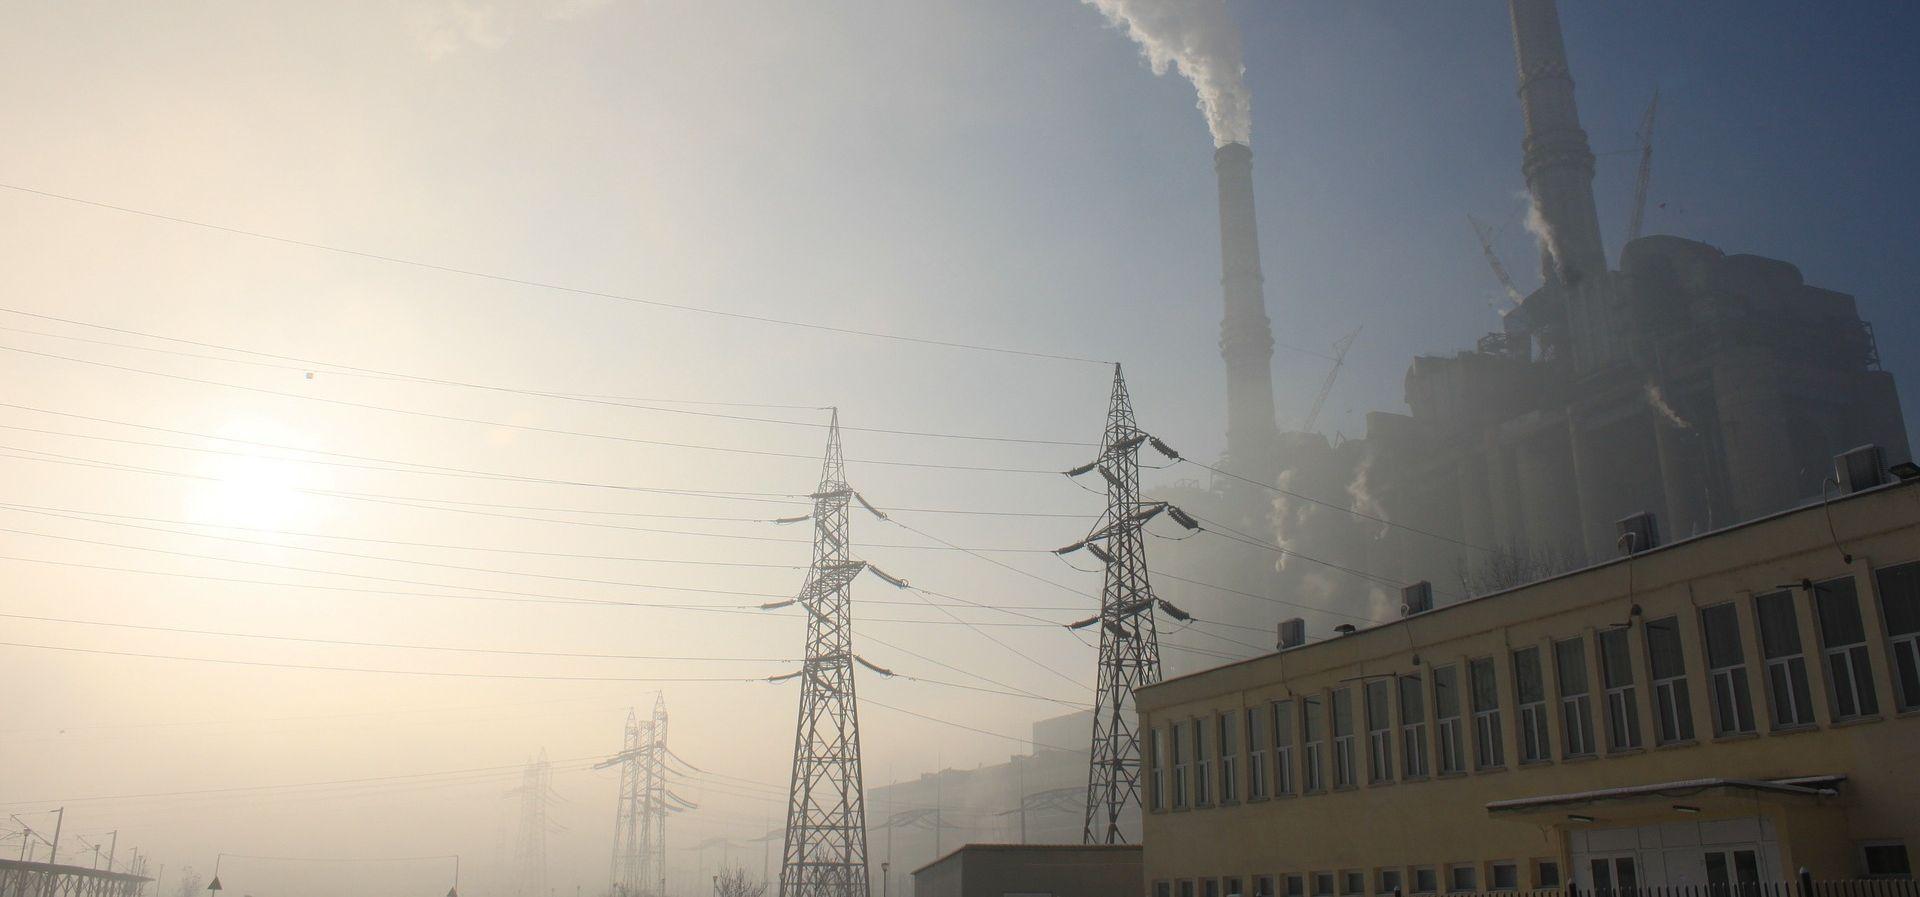 KOSOVU PRIJETI ENERGETSKI KOLAPS Ugljena za proizvodnju električne energije ima za još samo dva tjedna